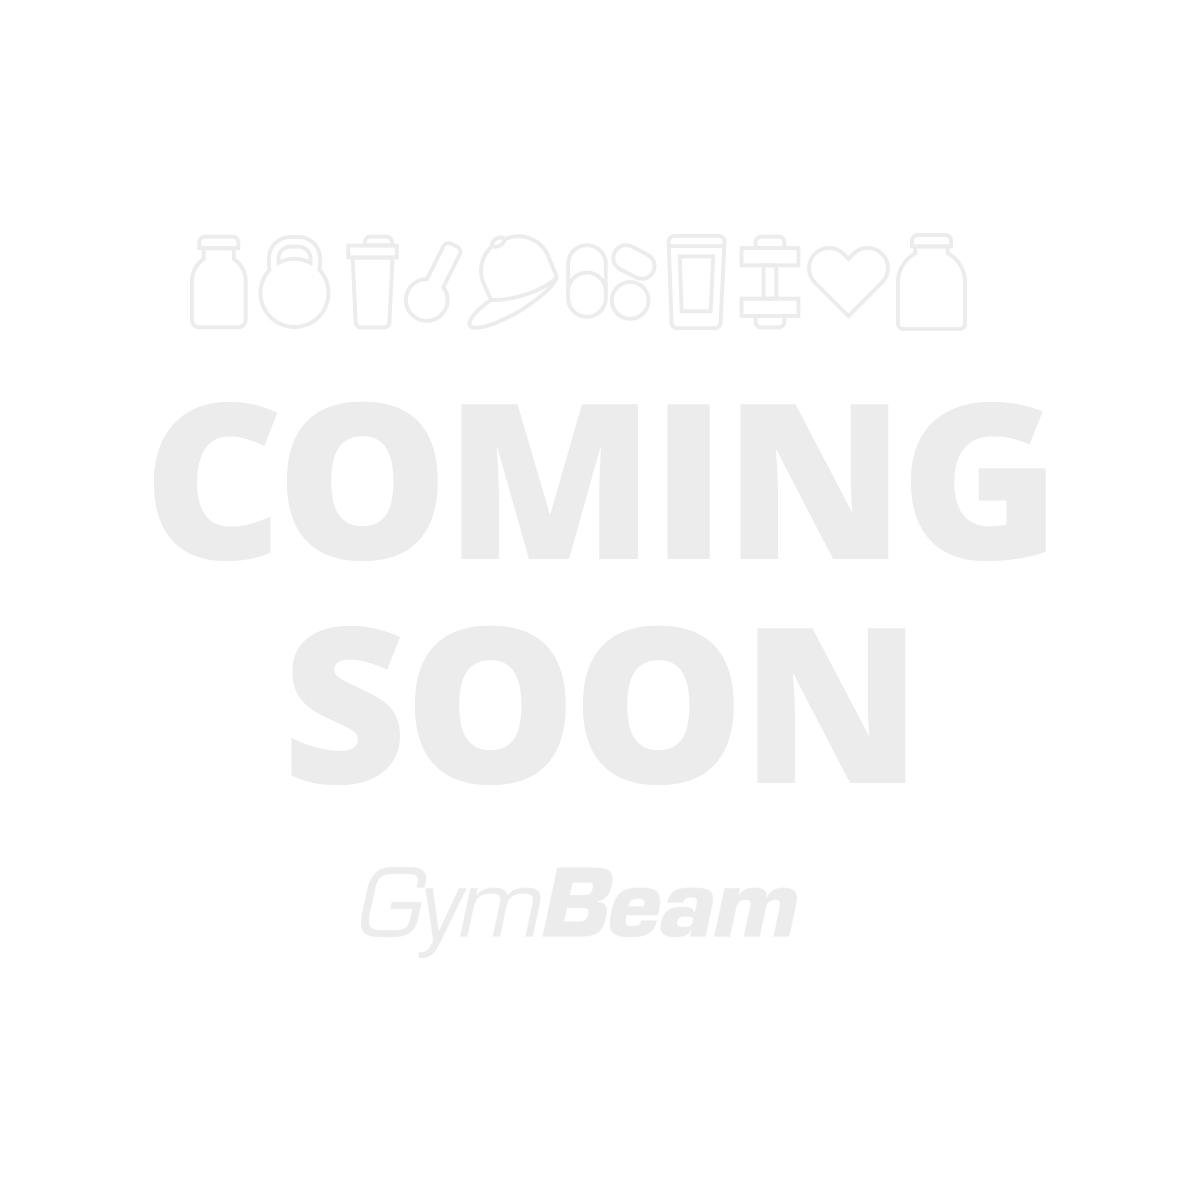 Kreatin TABS 1500 mg - 200tbl - GymBeam